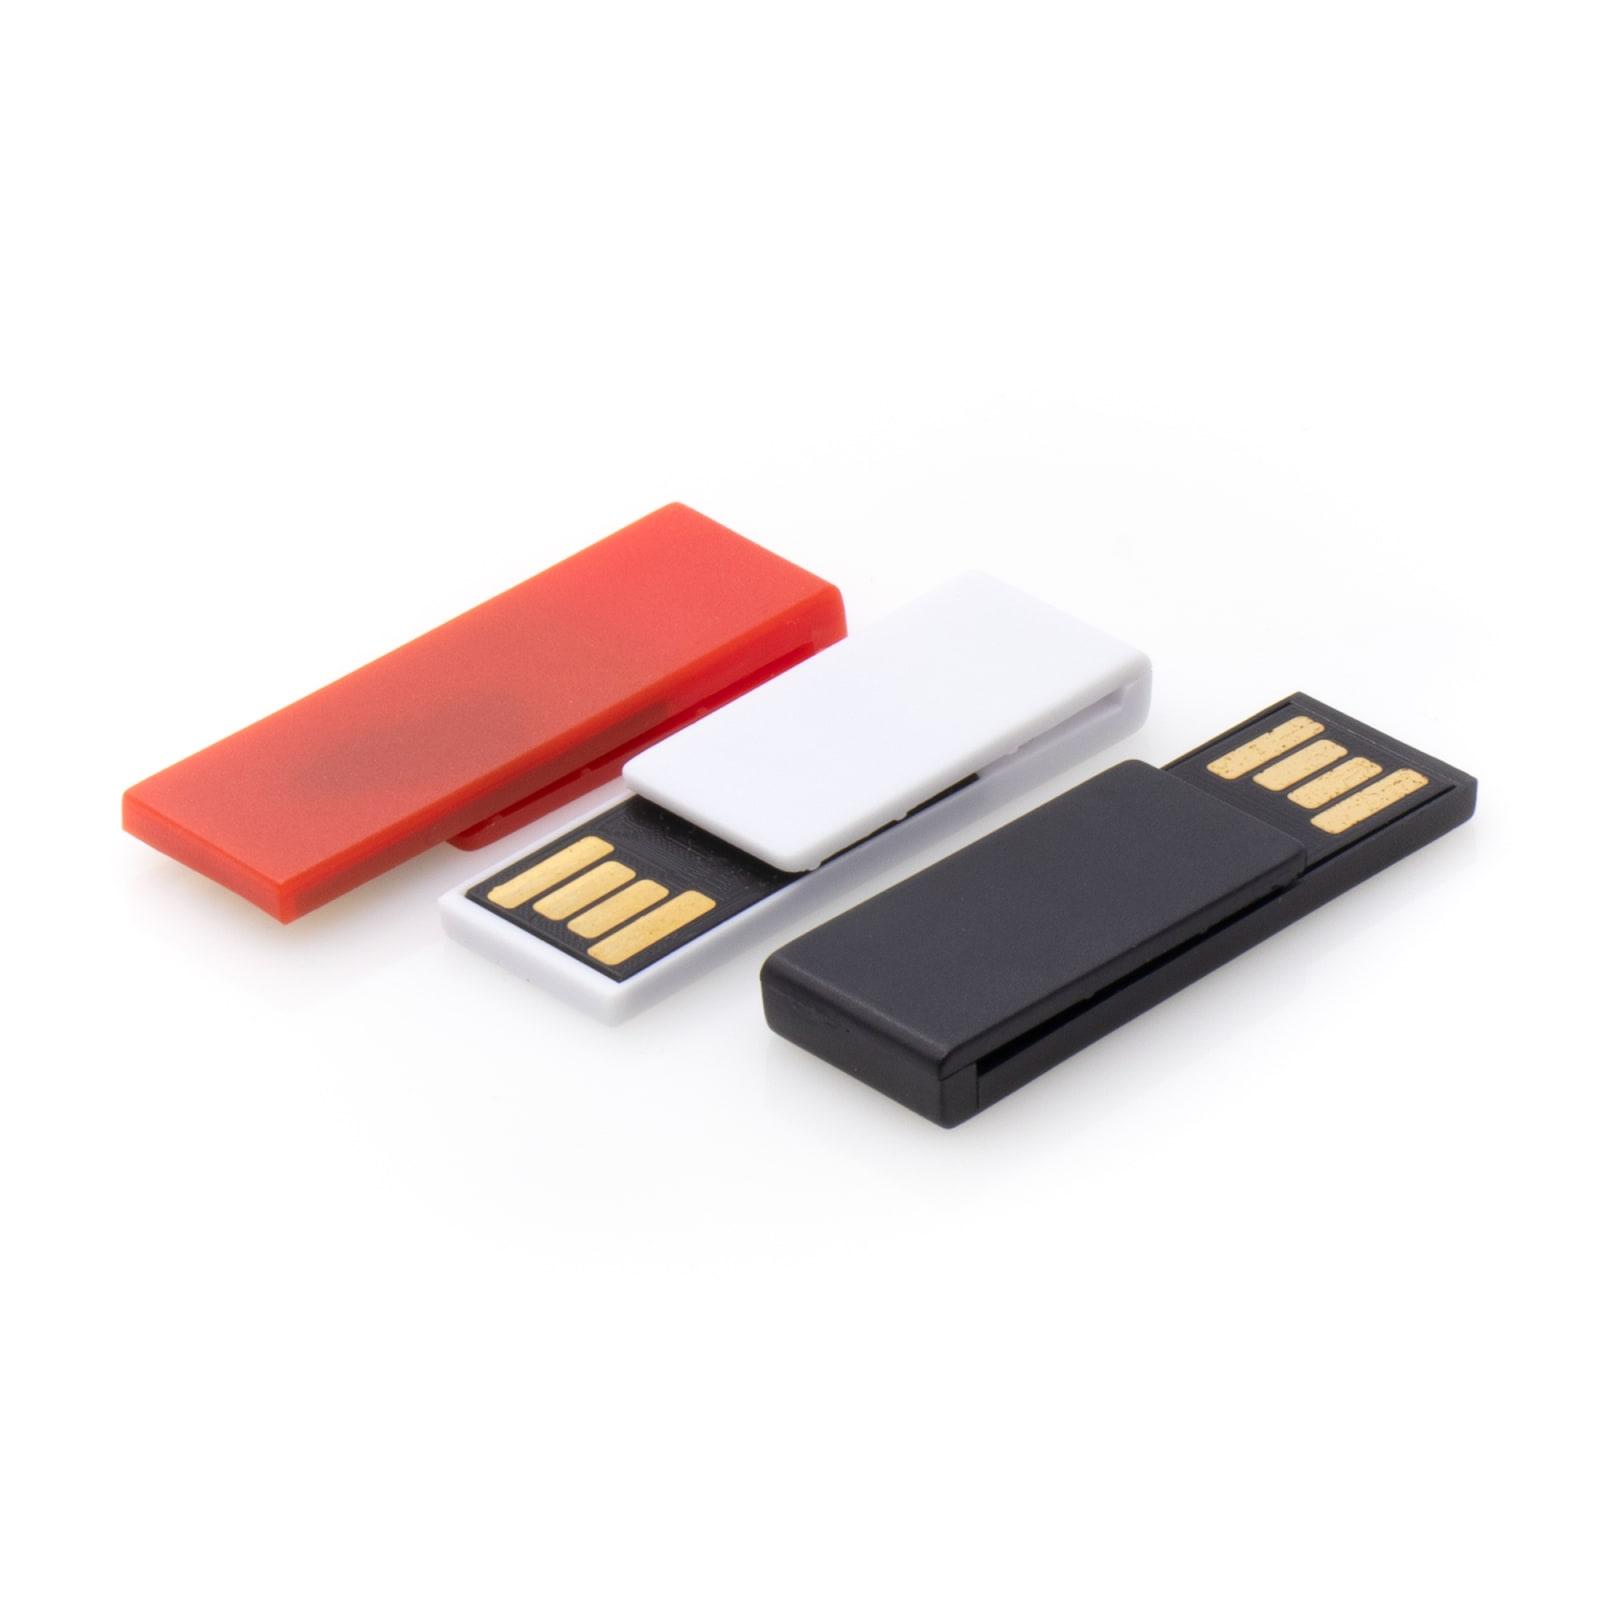 USB-Stick - Clip Großansicht